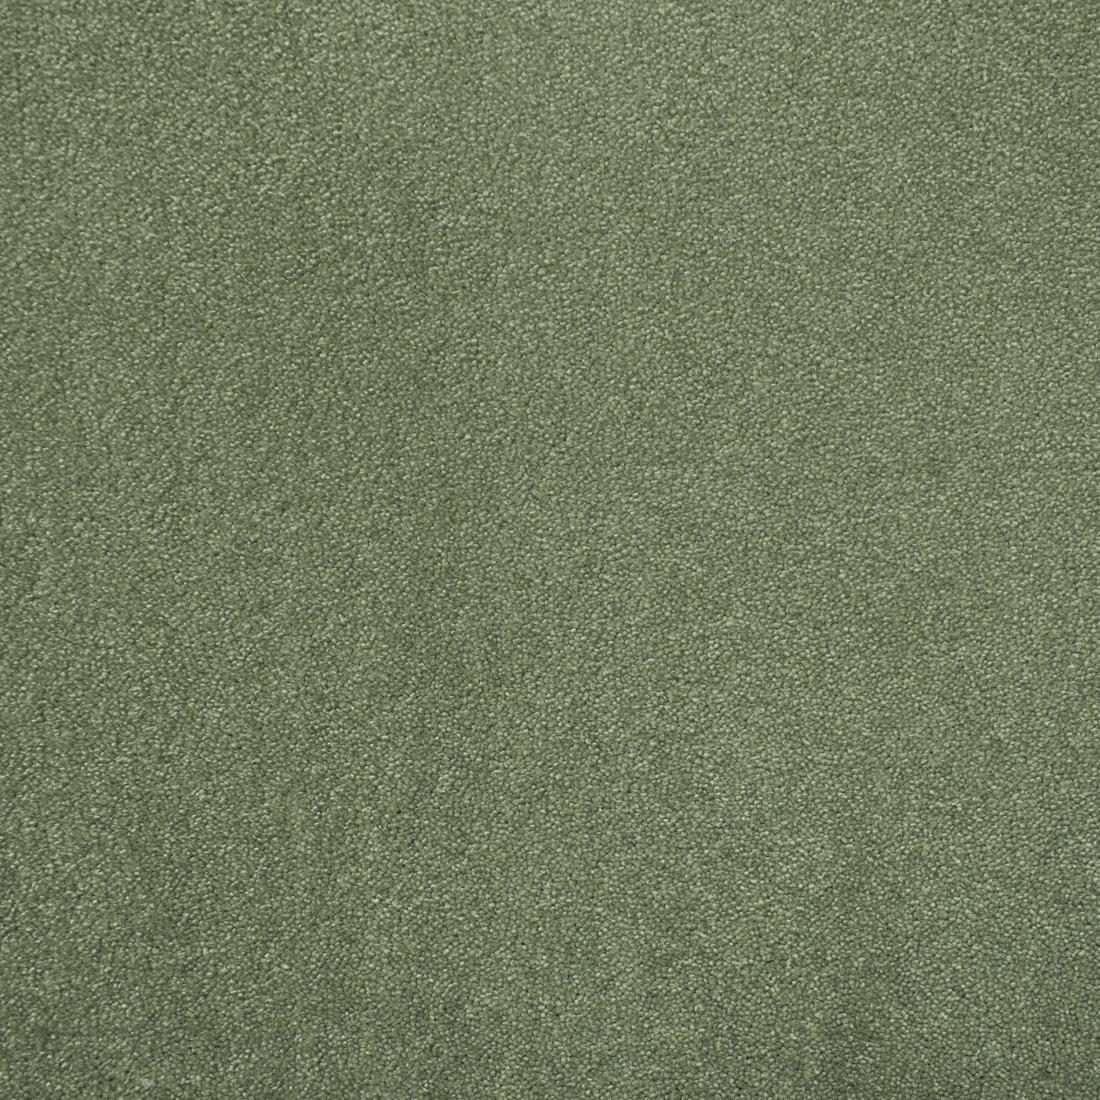 Vloerkleed Xilento Shine Zeegroen